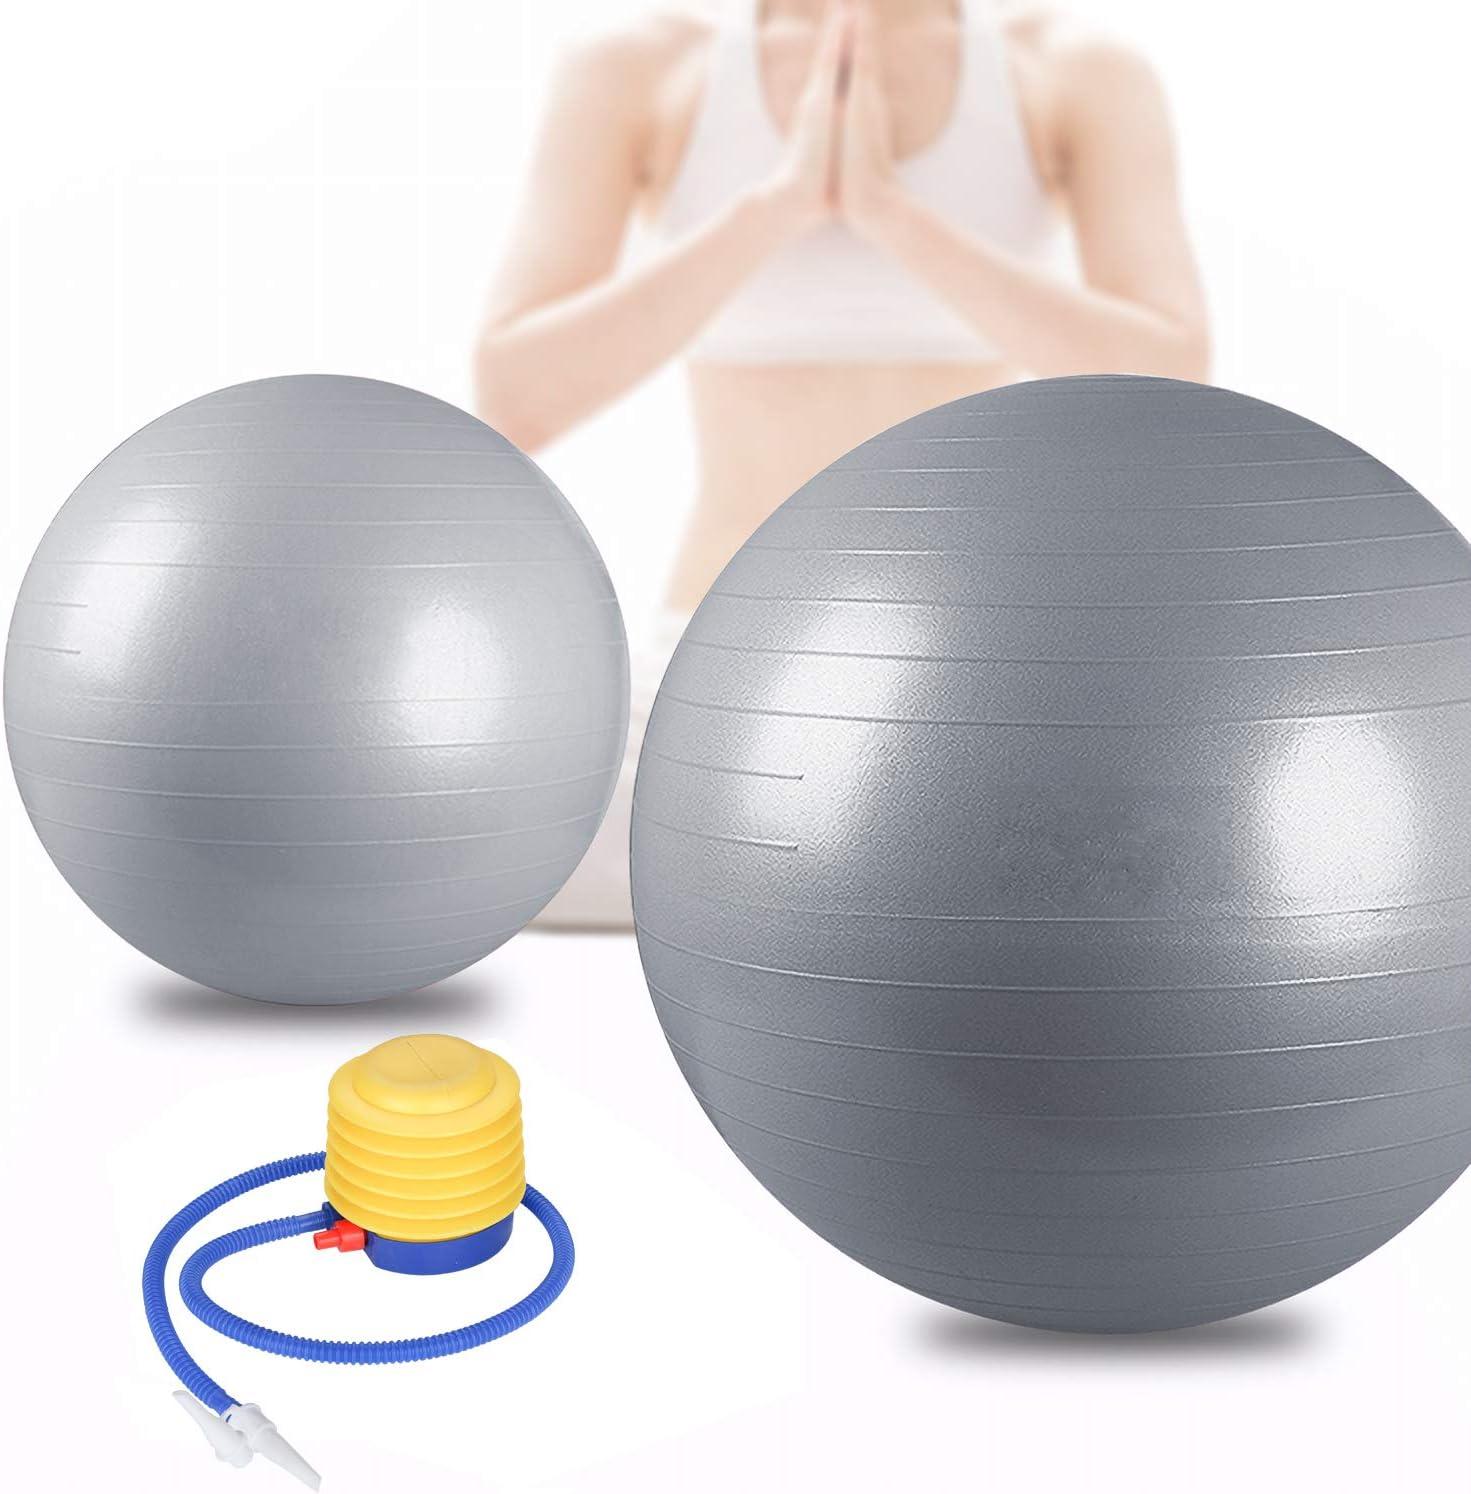 Pelota de gimnasia color plateado BMOT Bad Company incluye bomba para pelota, pilates, yoga y pilates, hasta 300 kg, 65 cm